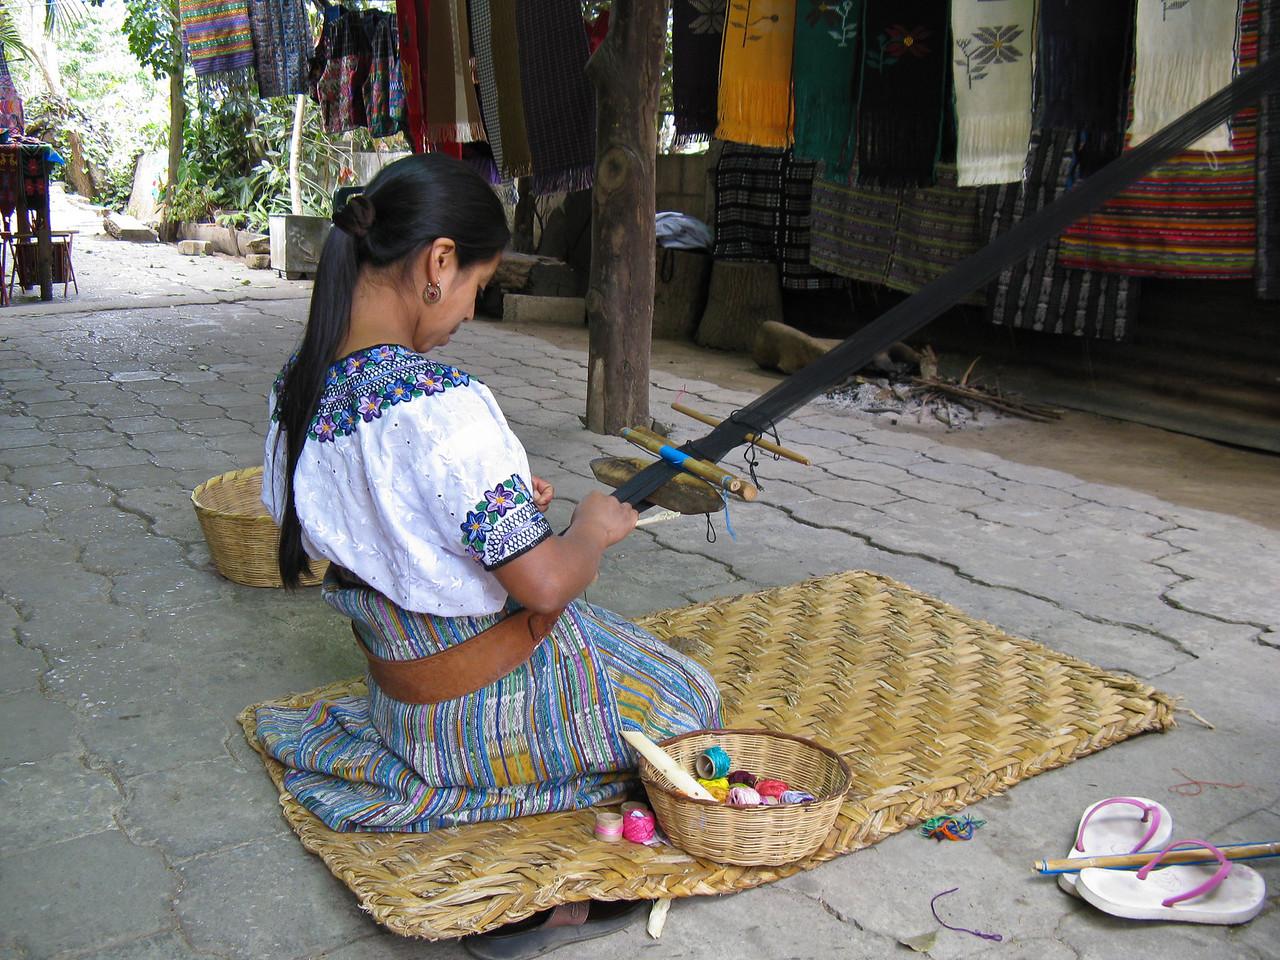 Ladies weaving in Guatemala.